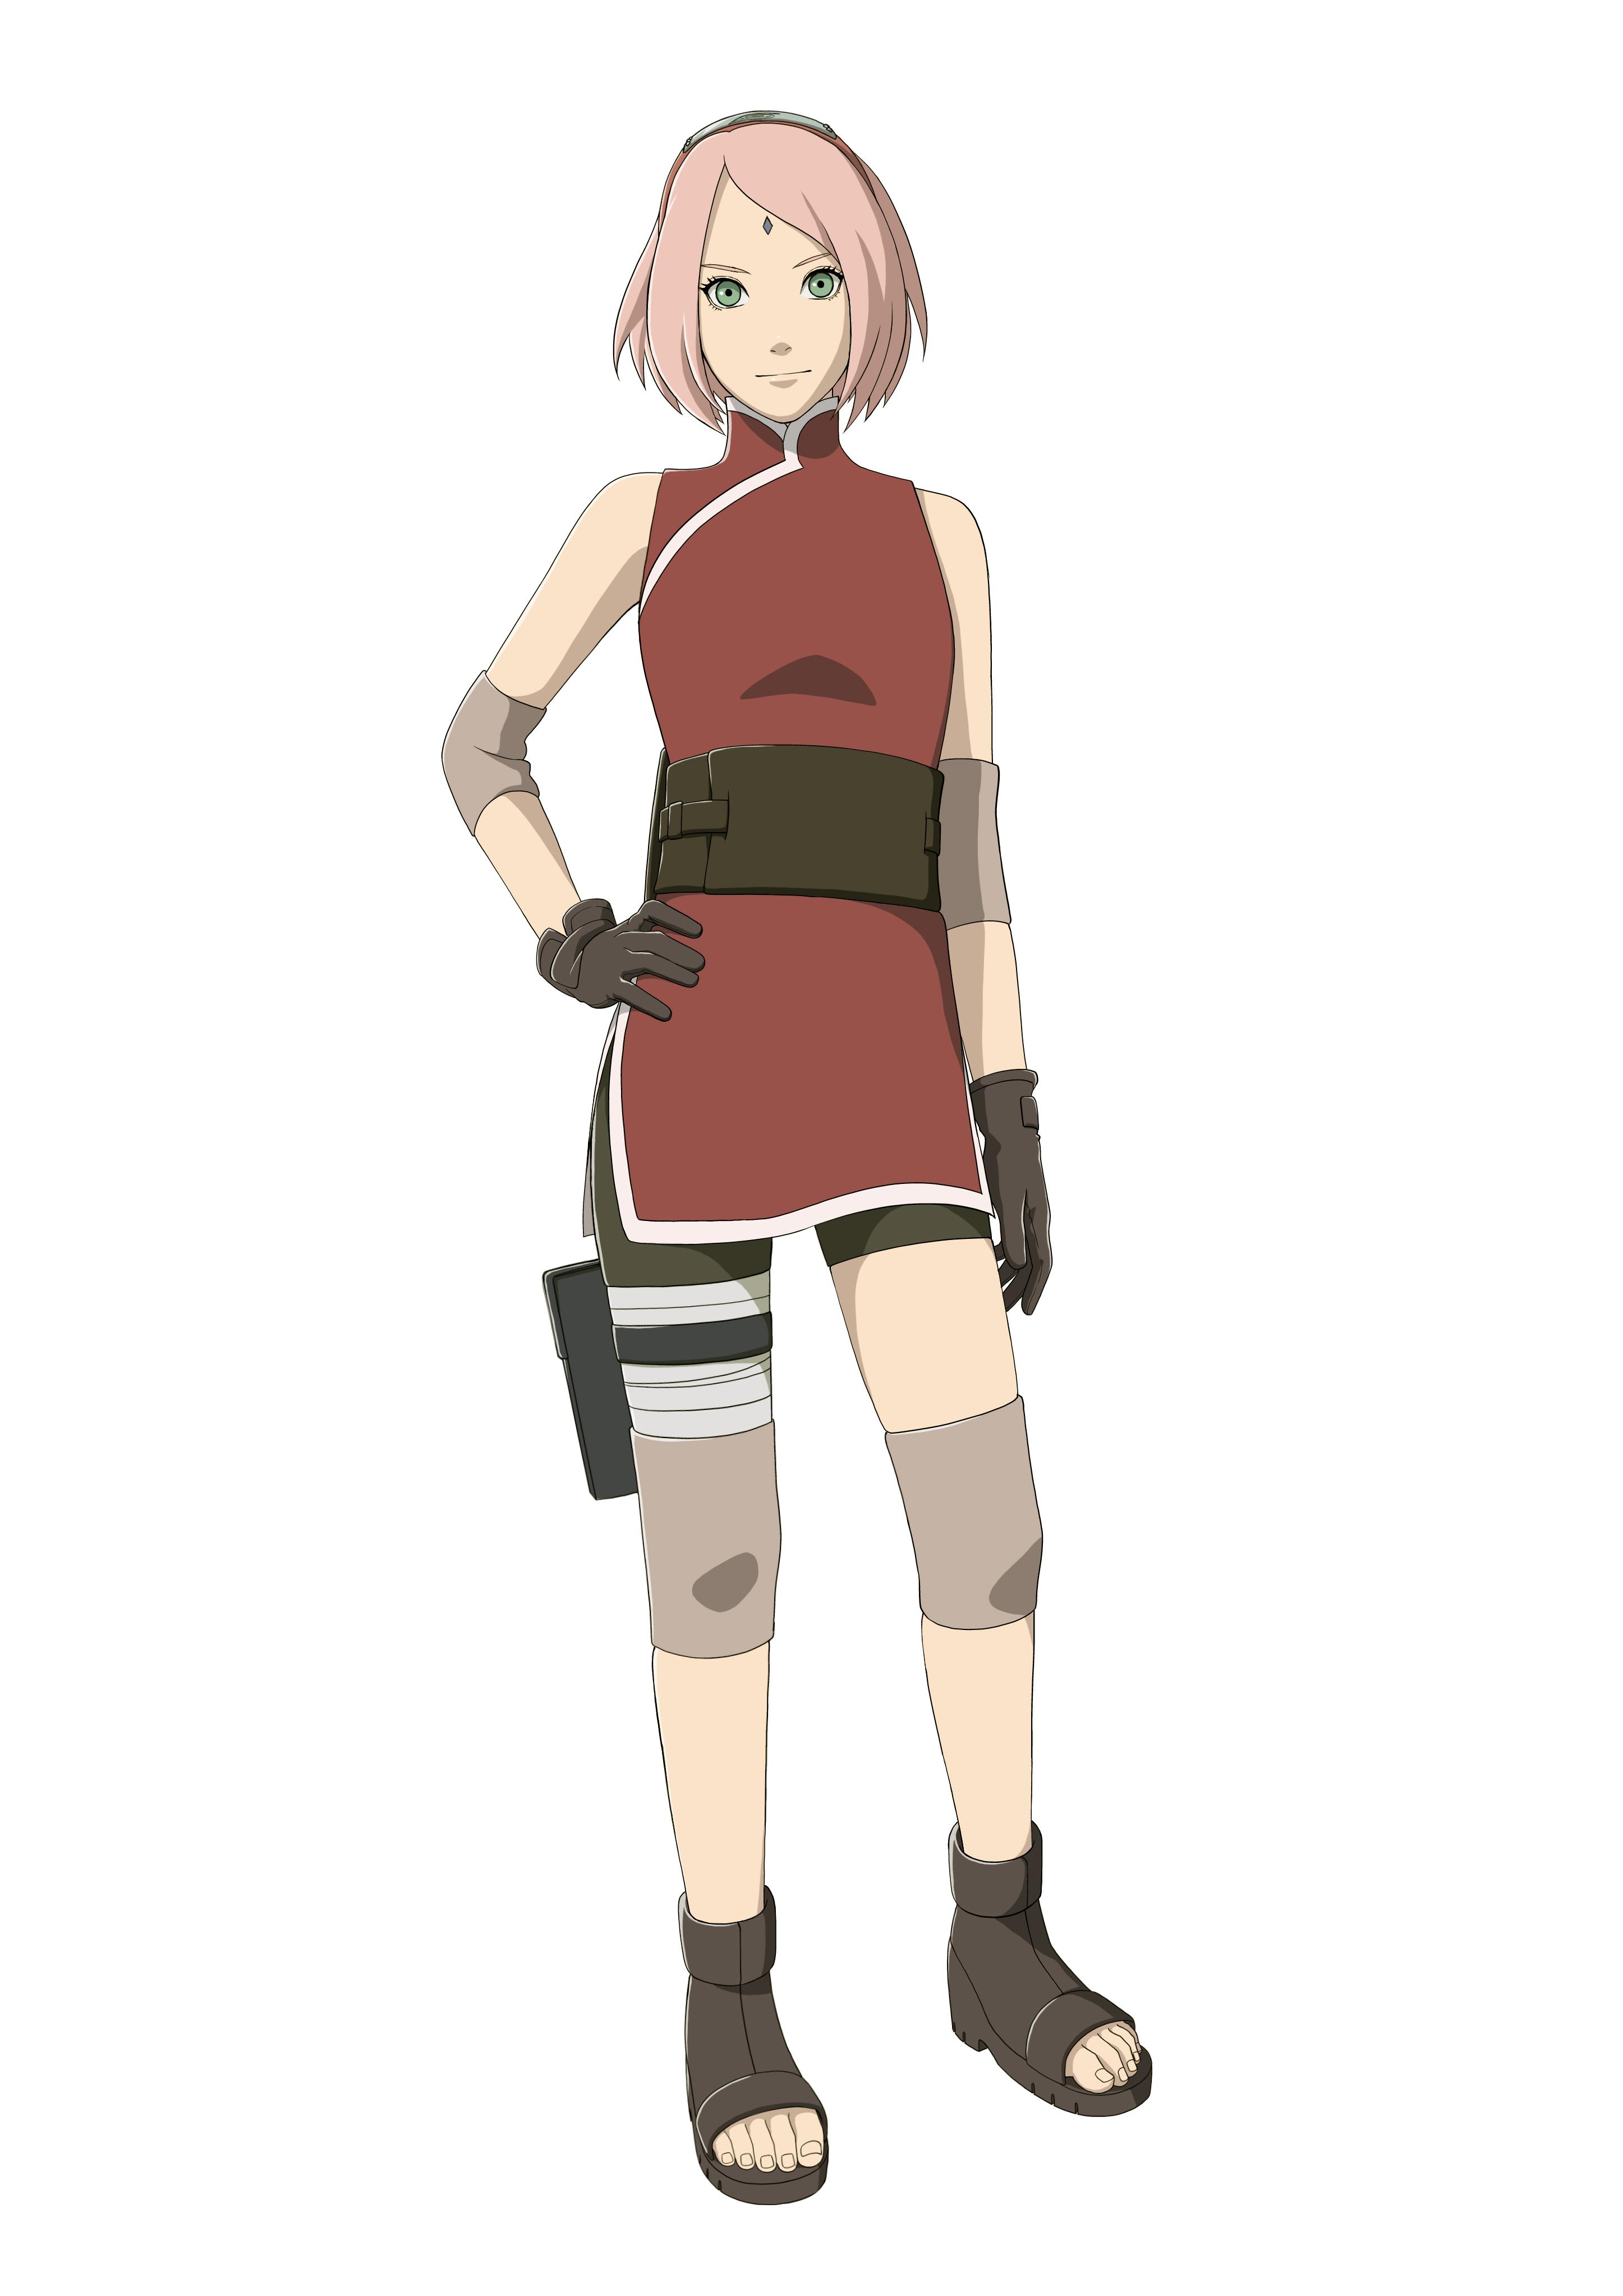 http://www.recantododragao.com.br/wp-content/uploads/2015/01/Naruto-Shippuden-Ultimate-Ninja-Storm-4_2015_01-19-15_005.jpg